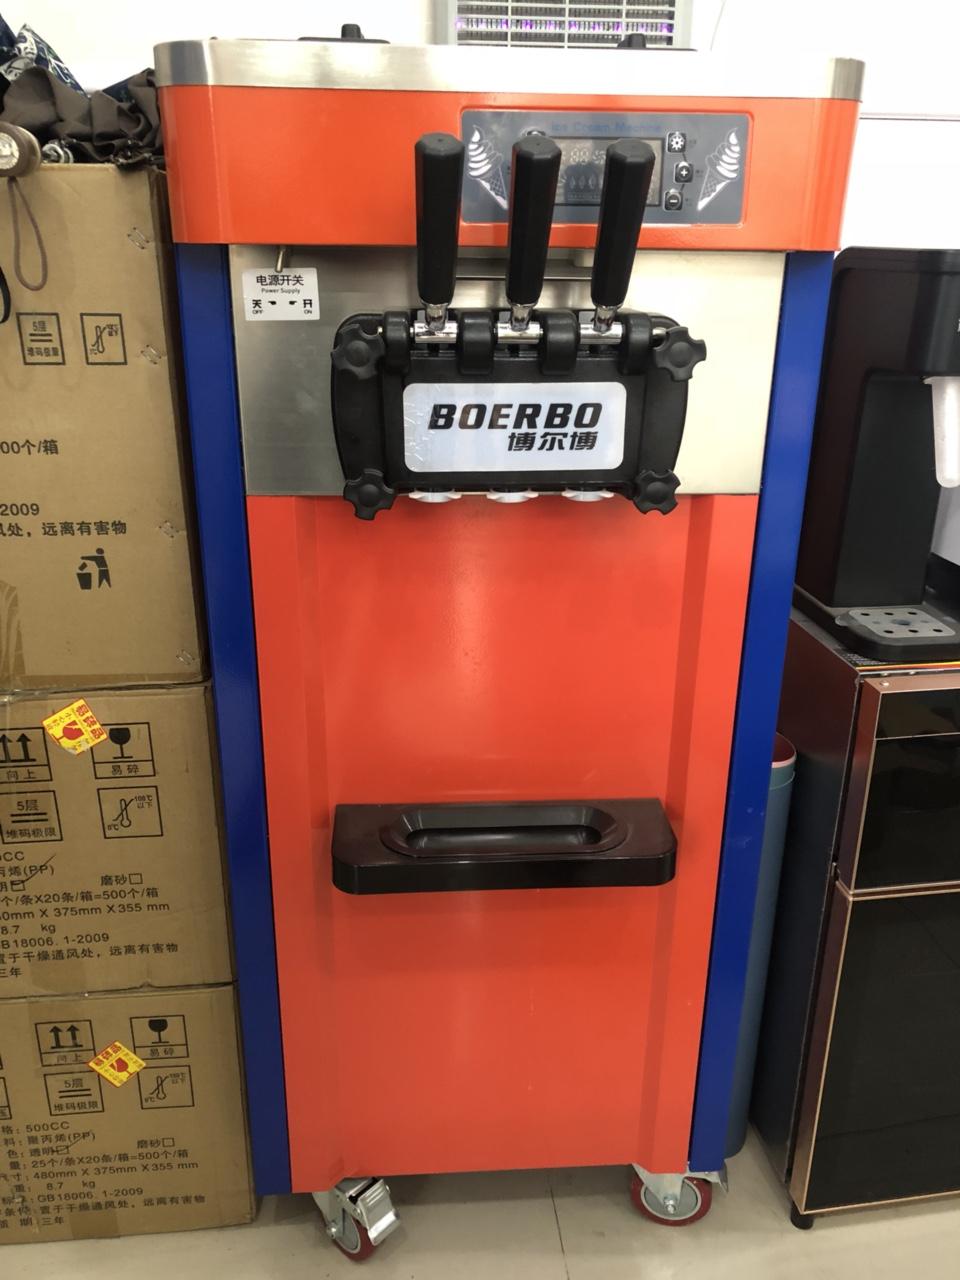 九成新冰淇淋机3680出手,只用过一次,保修书齐全,门店在转让,可随时到店看实物,电话1777501...